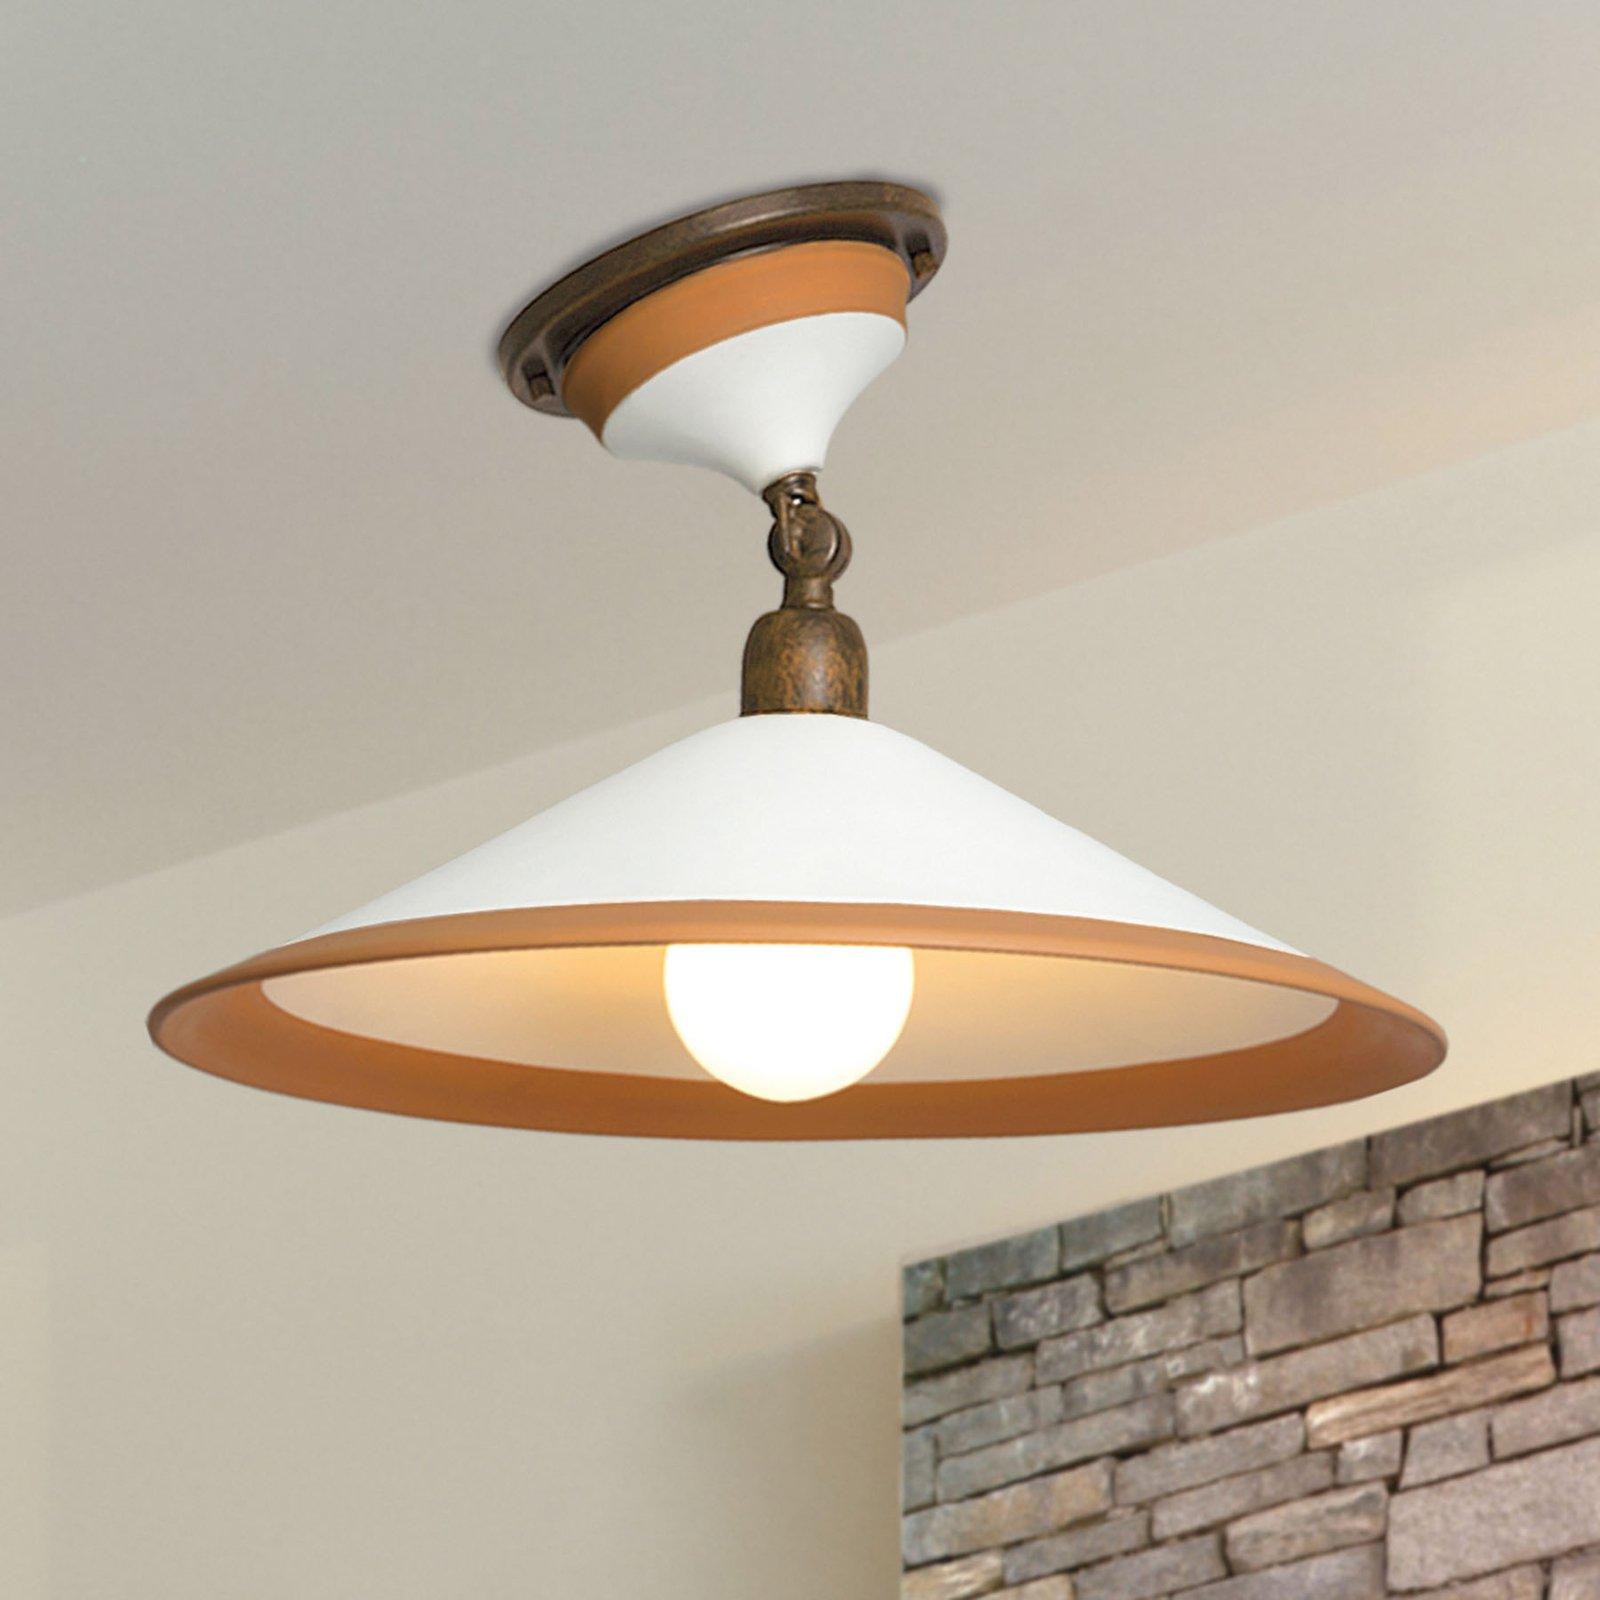 4560/PL41 taklampe, brun, hvit, oker